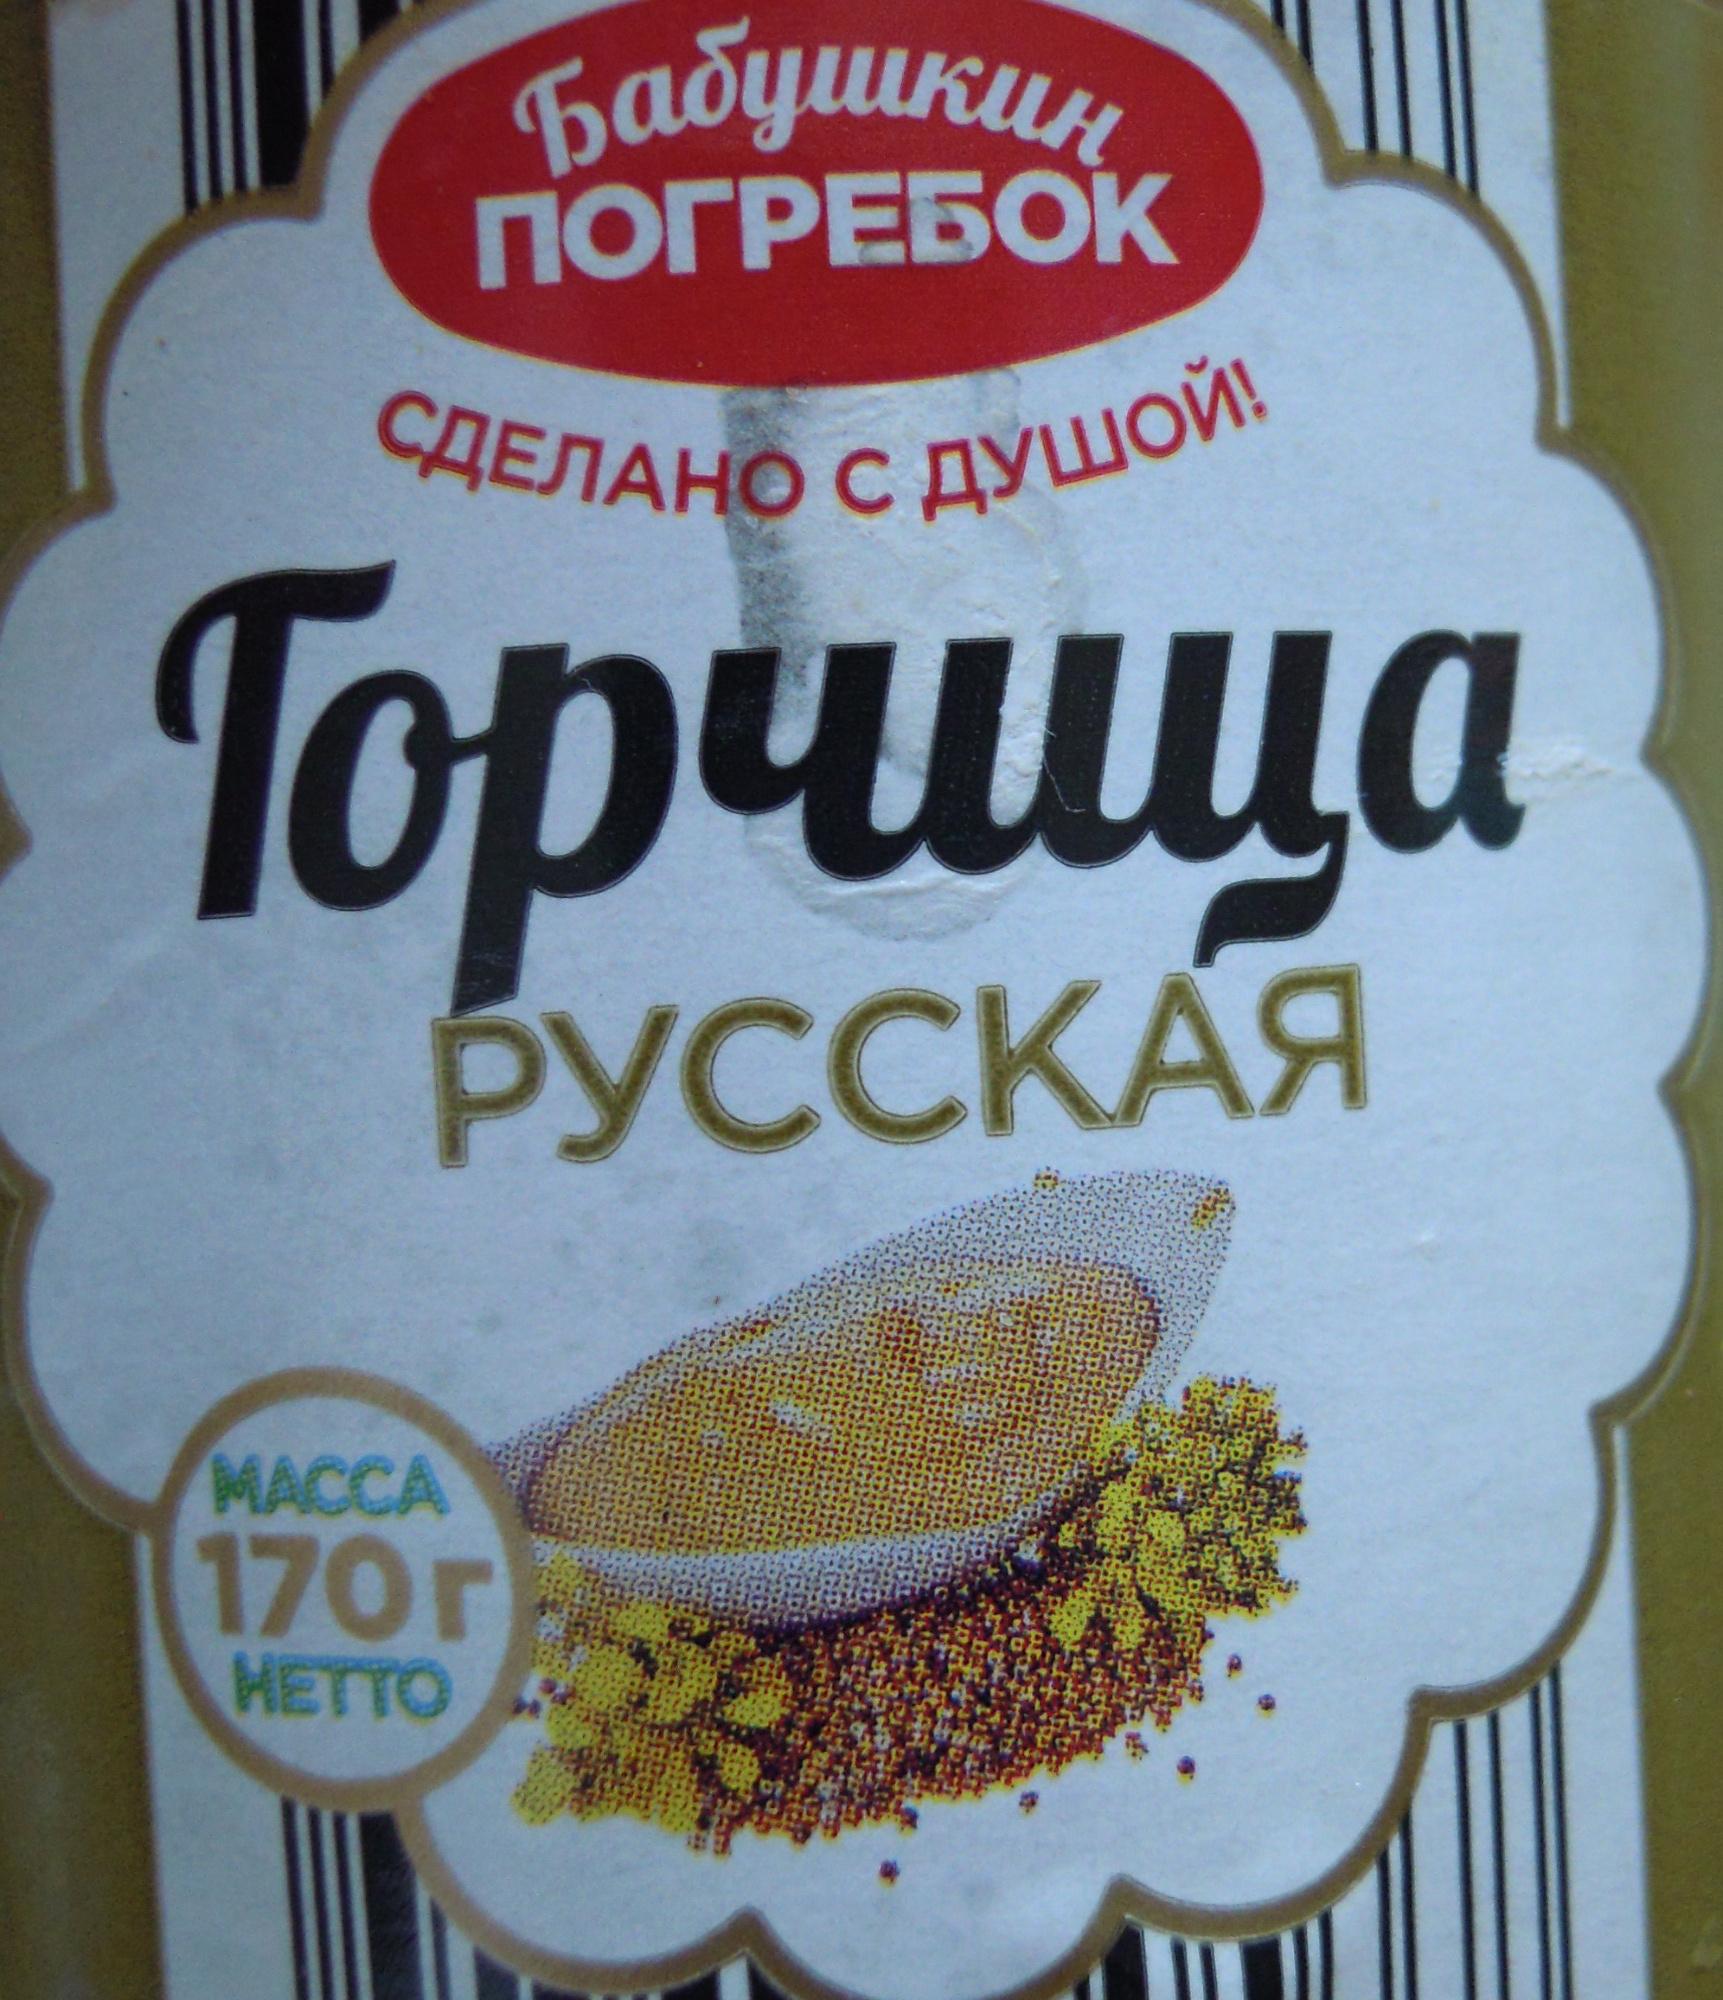 Горчица Русская - Product - ru